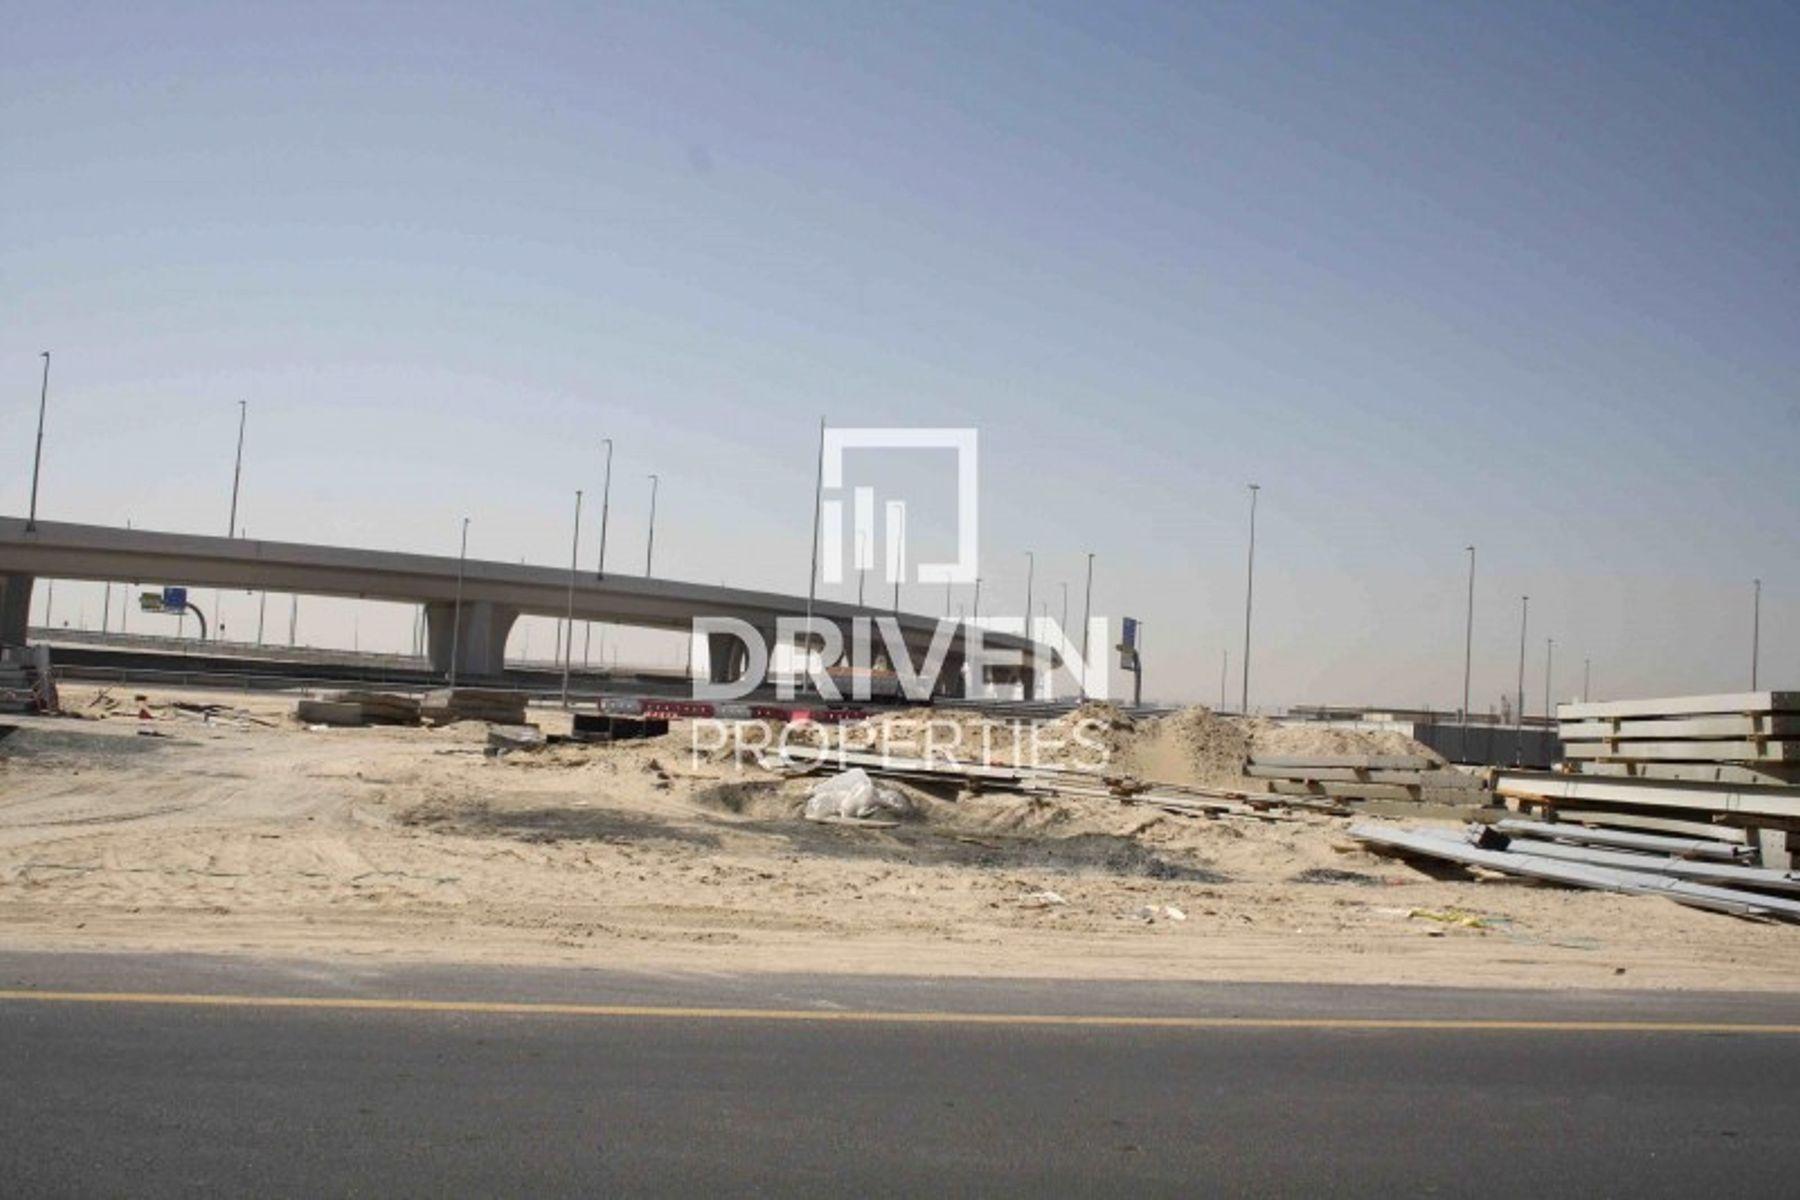 12,495 قدم مربع  أرض تجارية - للبيع - مجمع دبي للإستثمار